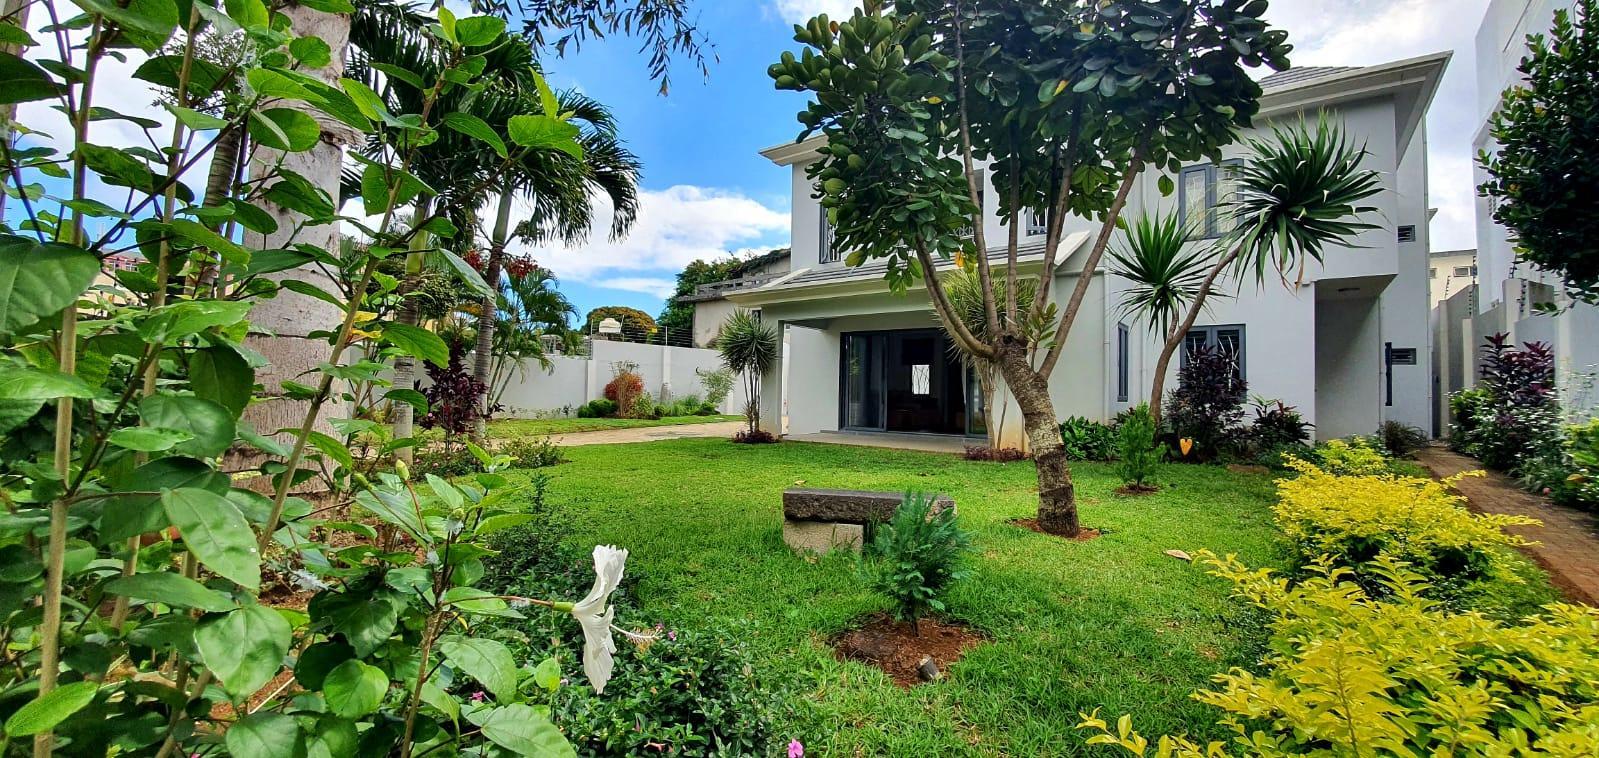 A VENDRE – Luxueuse villa contemporaine de 436 m2 sur un terrain de 171 toises se situe dans un quartier calme et hautement résidentiel à Beau-Bassin